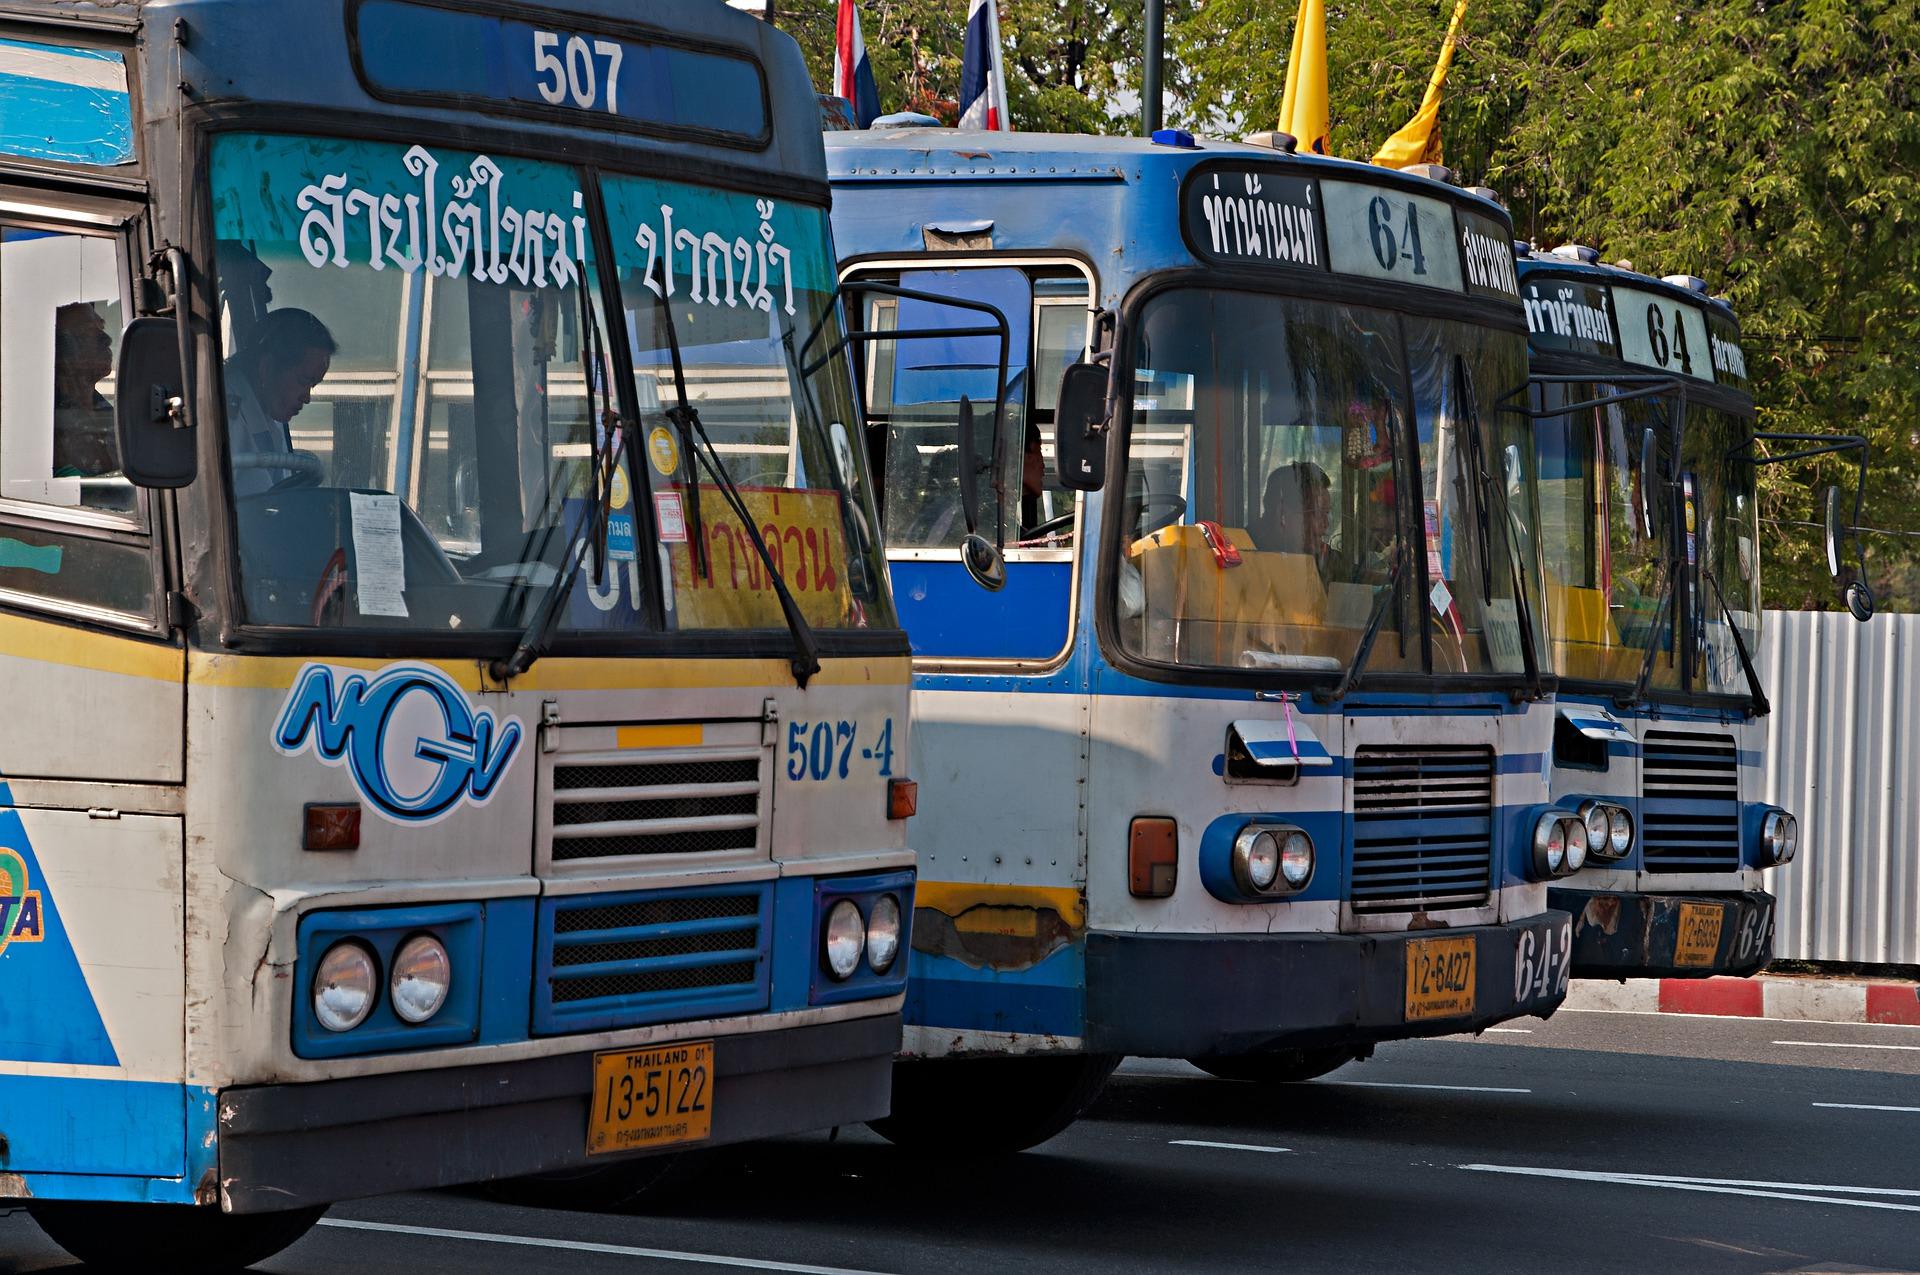 bangkok to chiang mai, bangkok train station, bangkok chiang mai, thailand train, hua lamphong station, booking chiang mai, bangkok to chiang mai train, bangkok to chiang mai flights, bus chiang mai bangkok